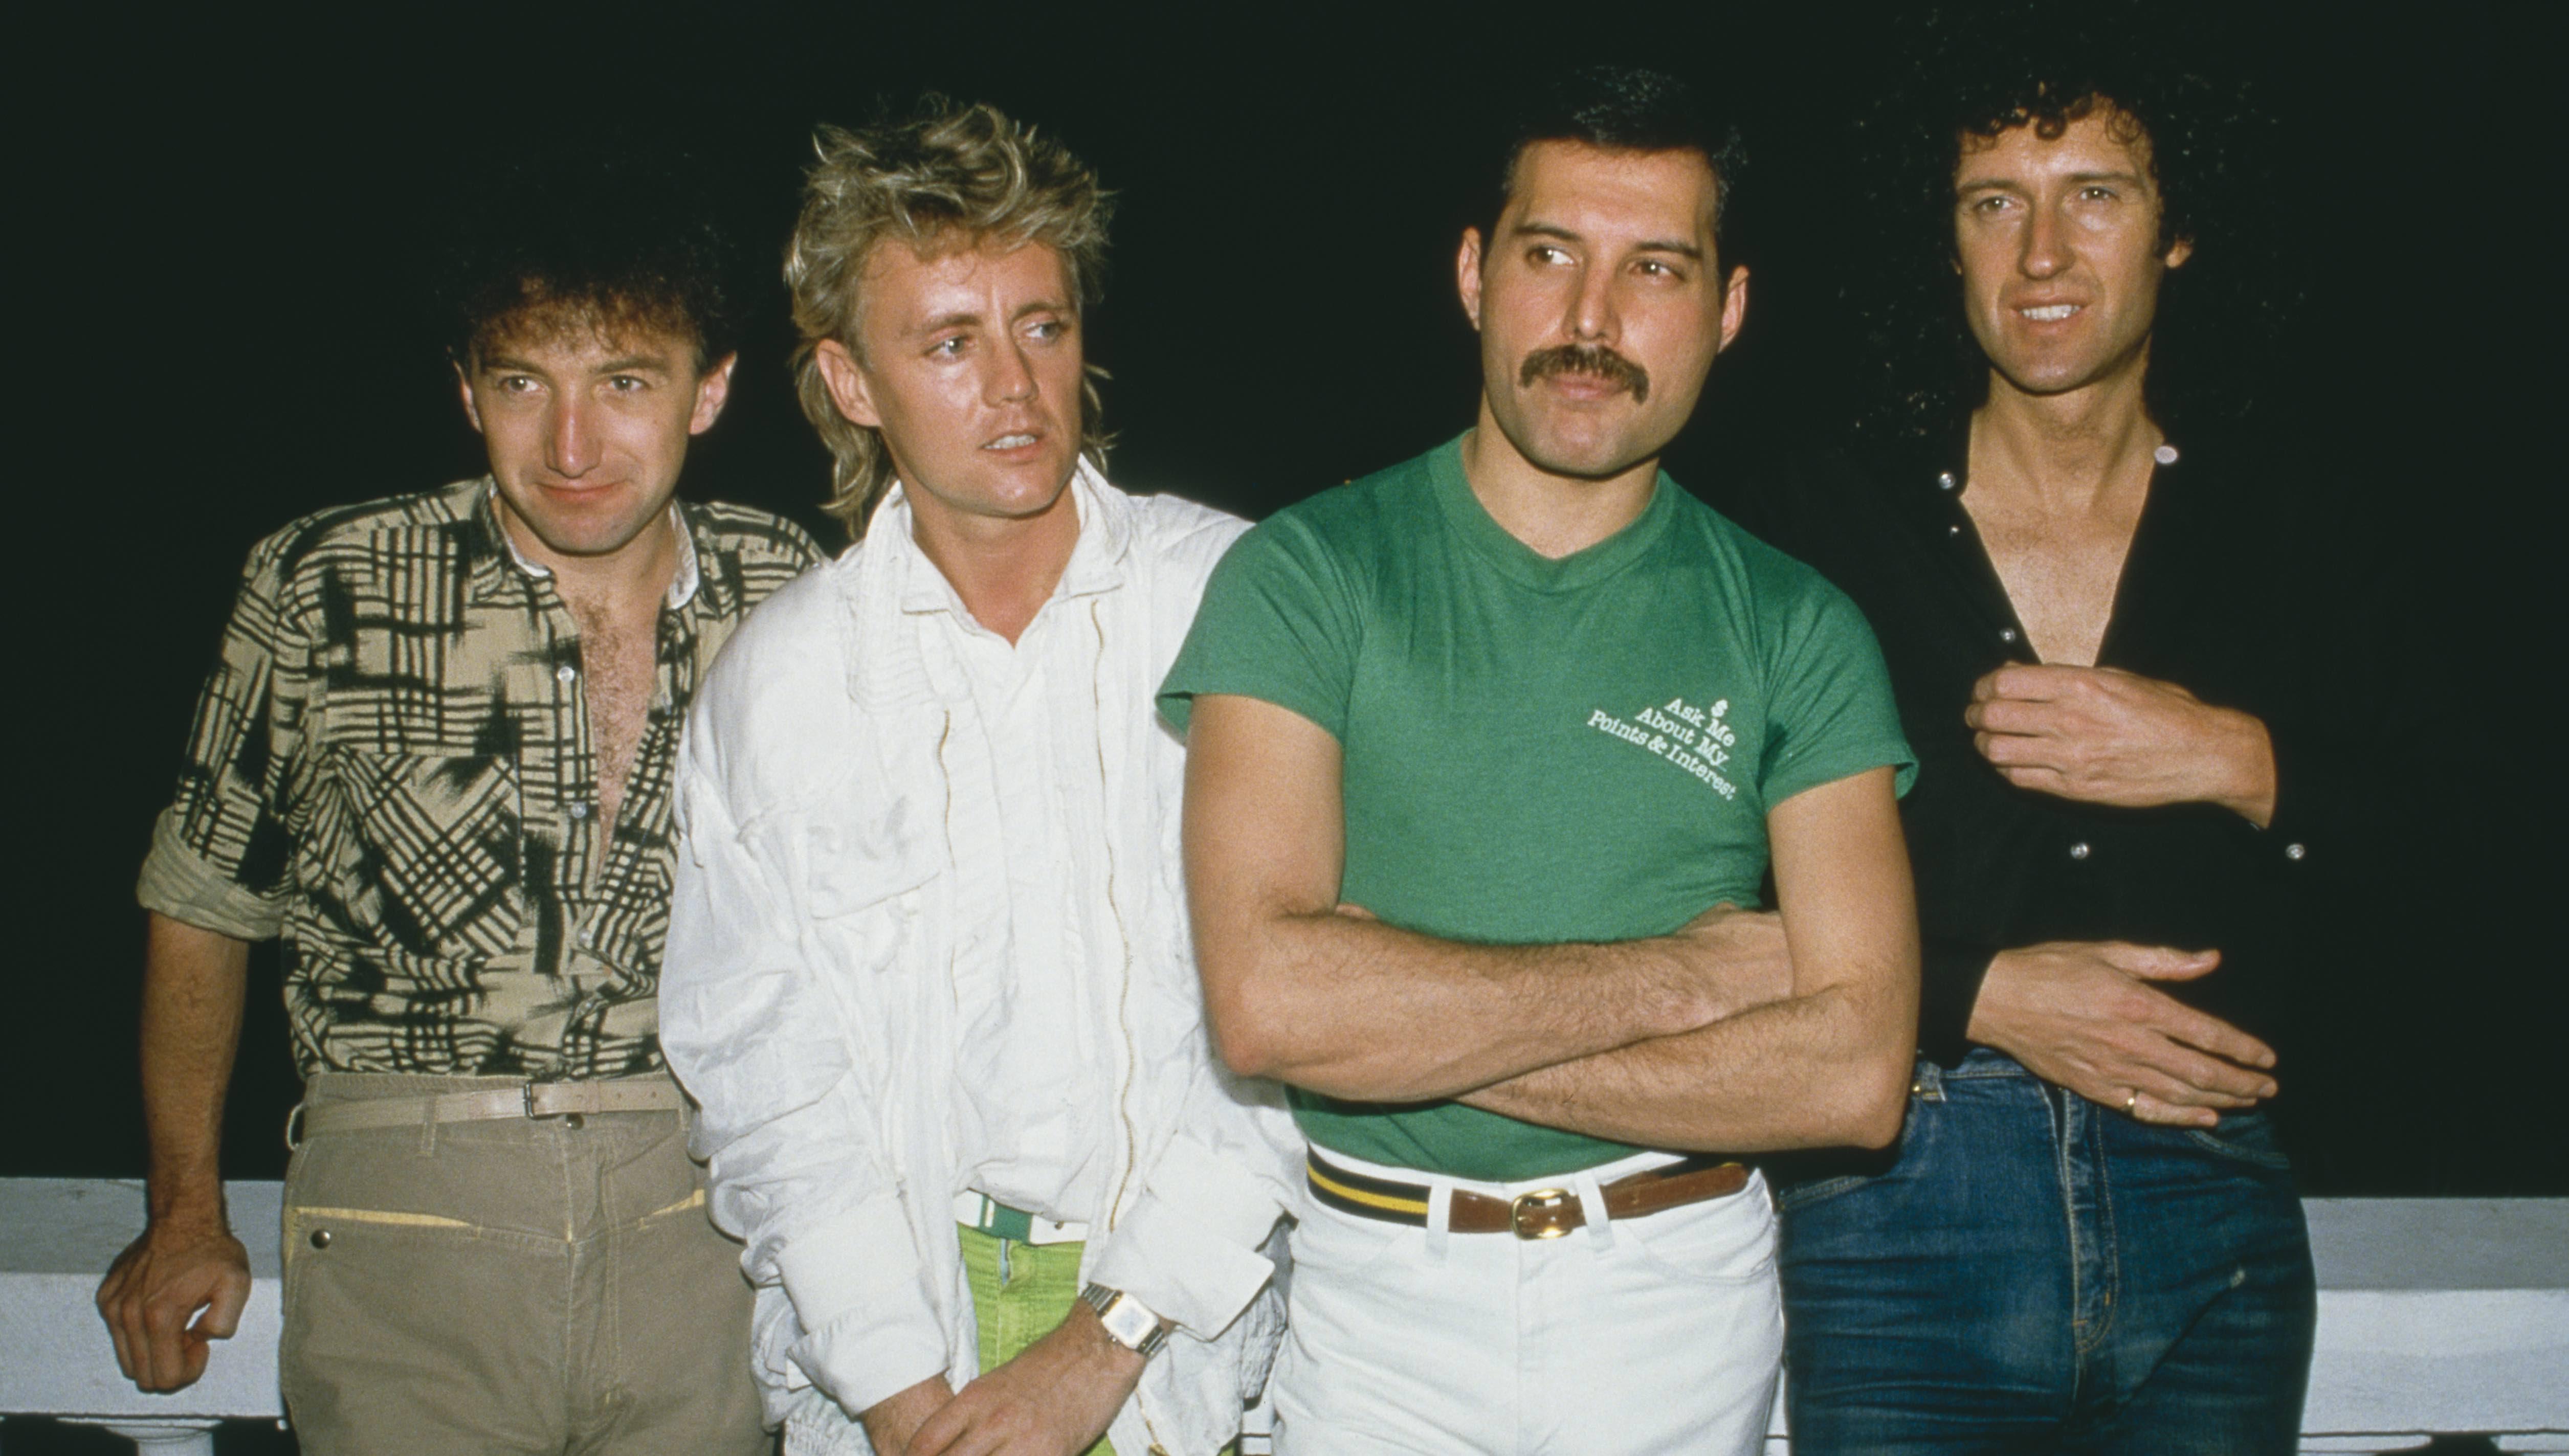 Bohemian Rhapsody Das Sind Die Darsteller Für Das Biopic über Queen